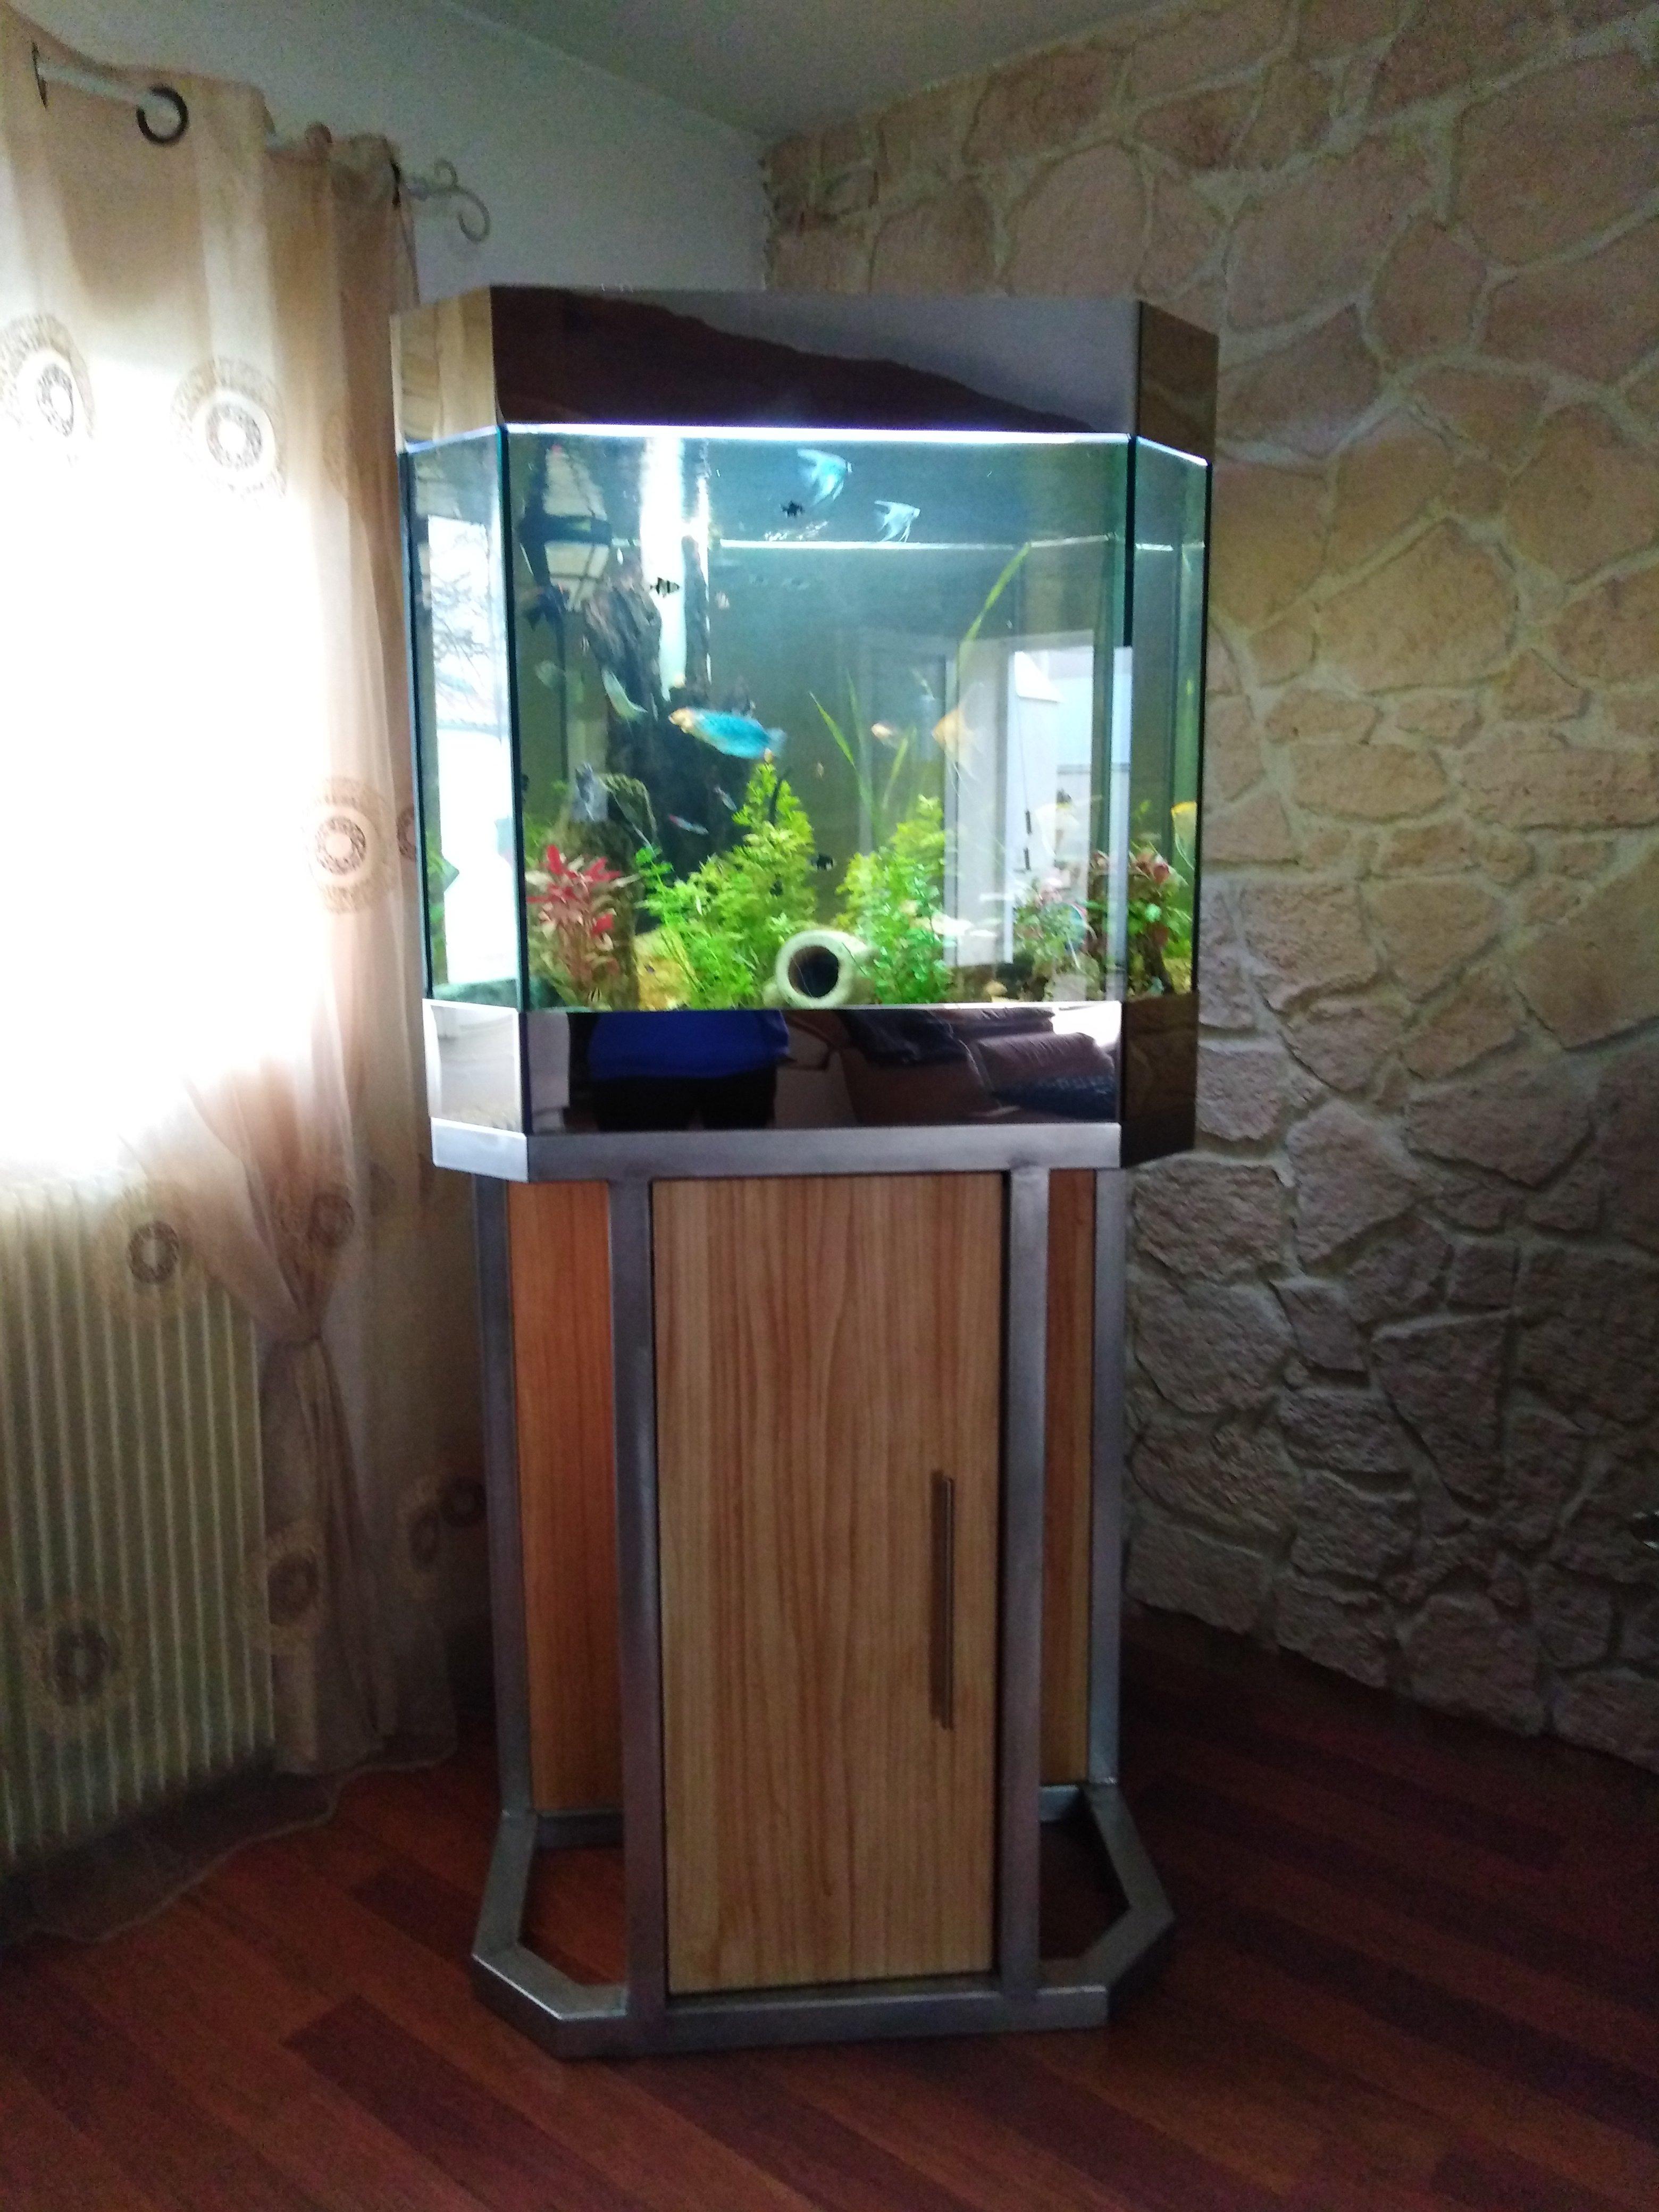 Meuble D Aquarium En Chene Et Structure En Inox Serrurerie Chaudronnerie Duclos Martial